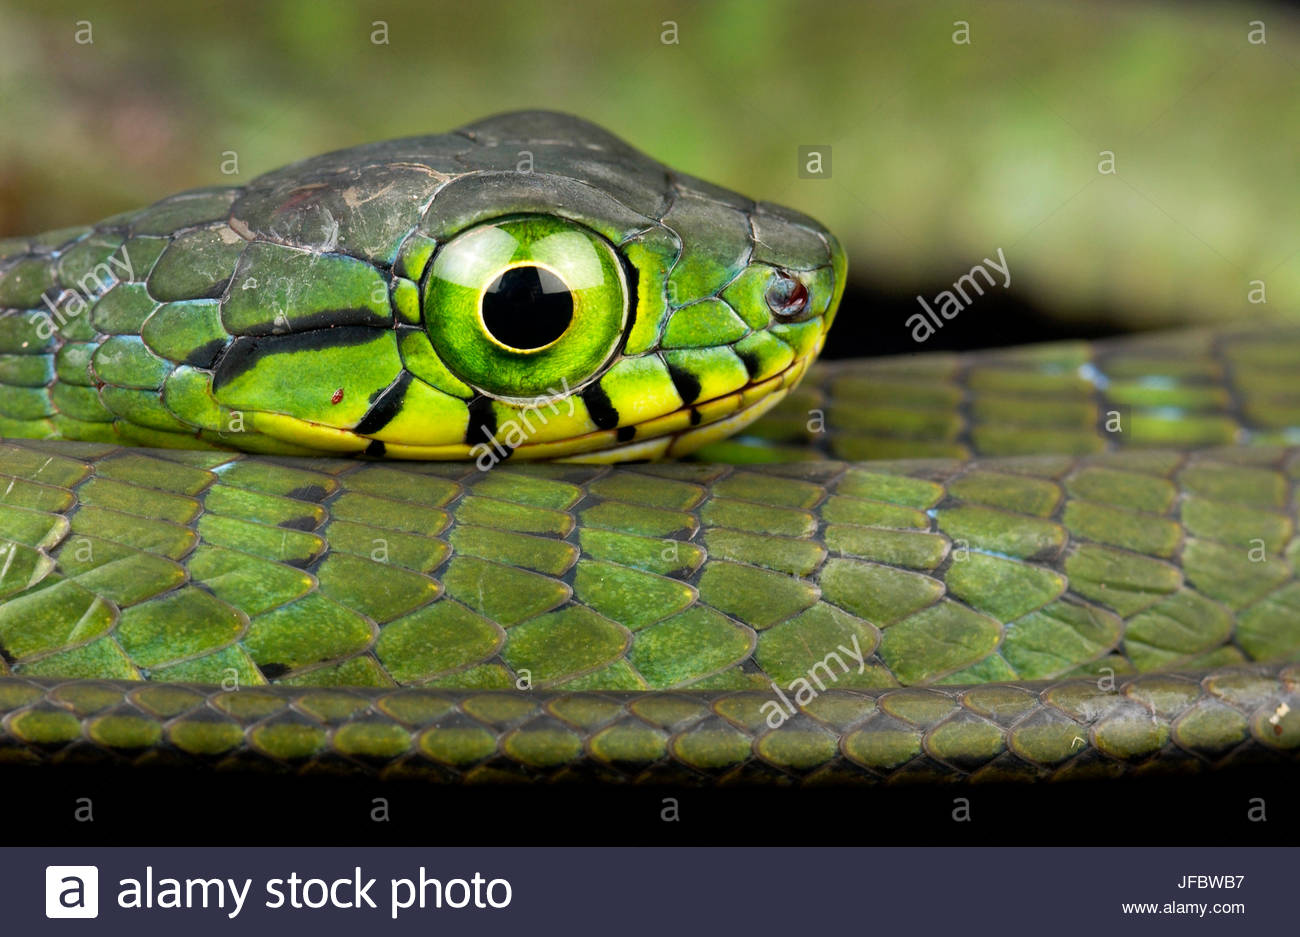 Un grand serpent vert aux yeux bleus, Rhamnophis aethiopissa. Photo Stock